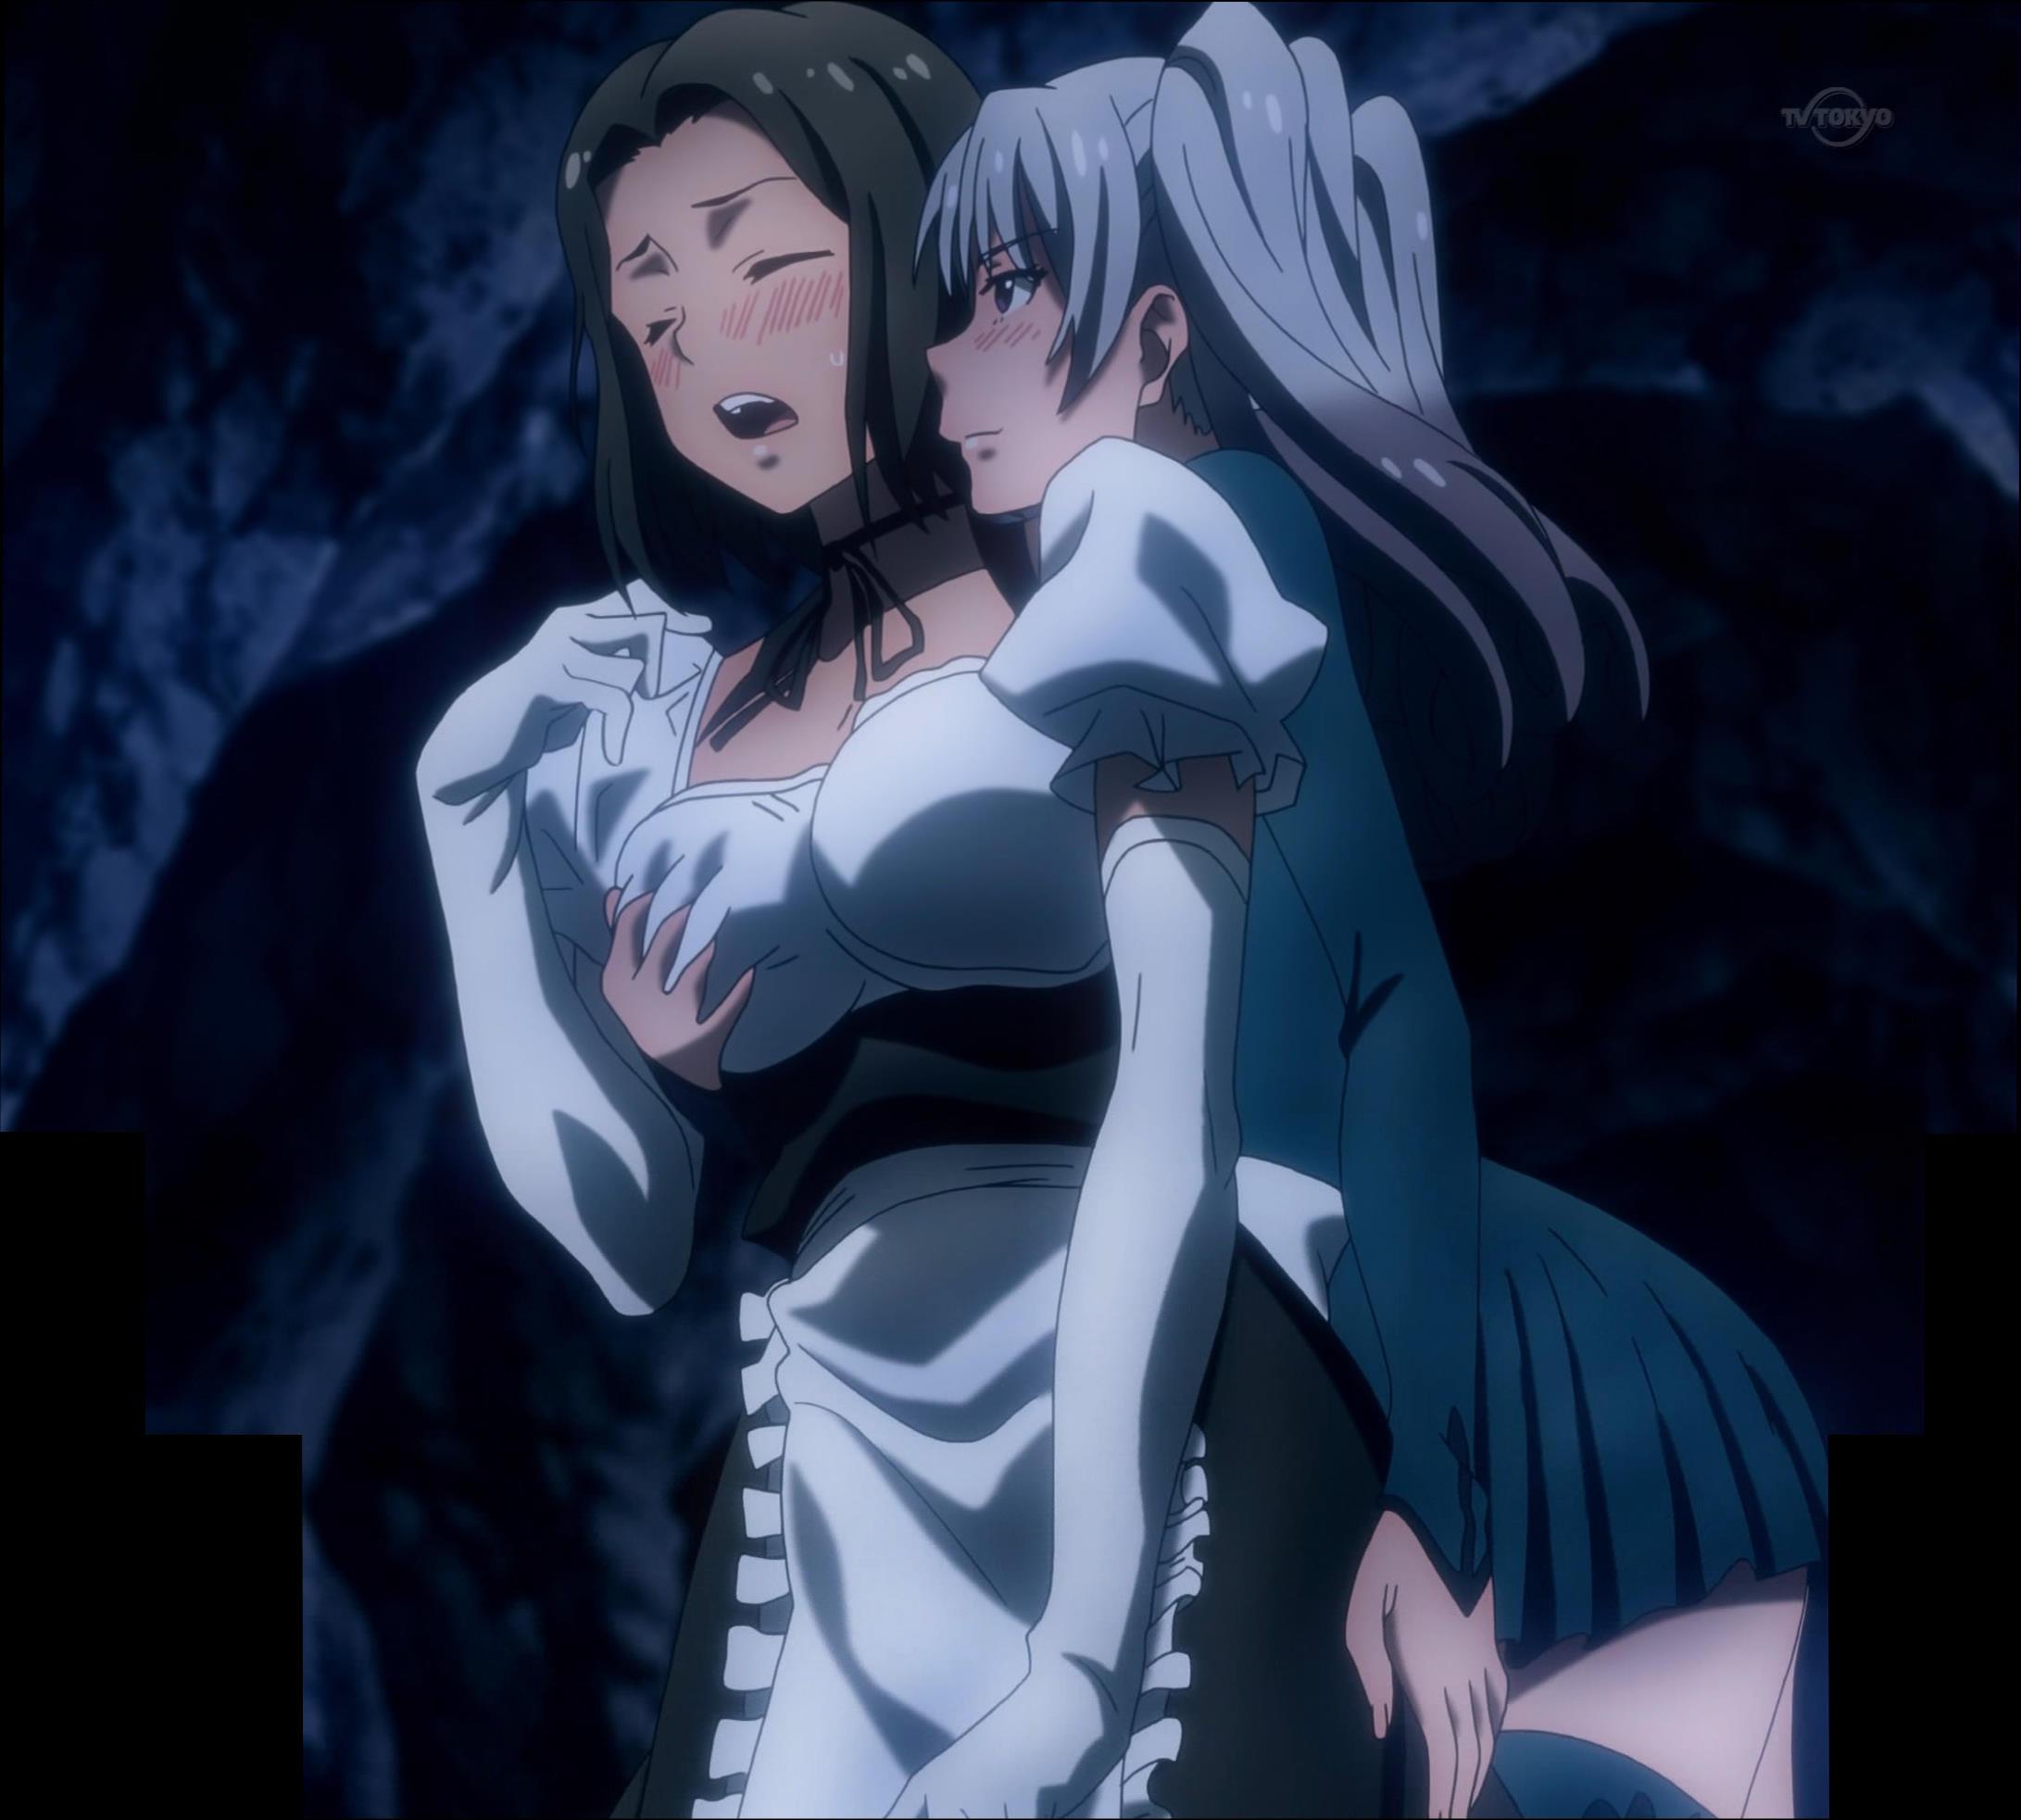 メイドの胸と尻を触るアリヤ